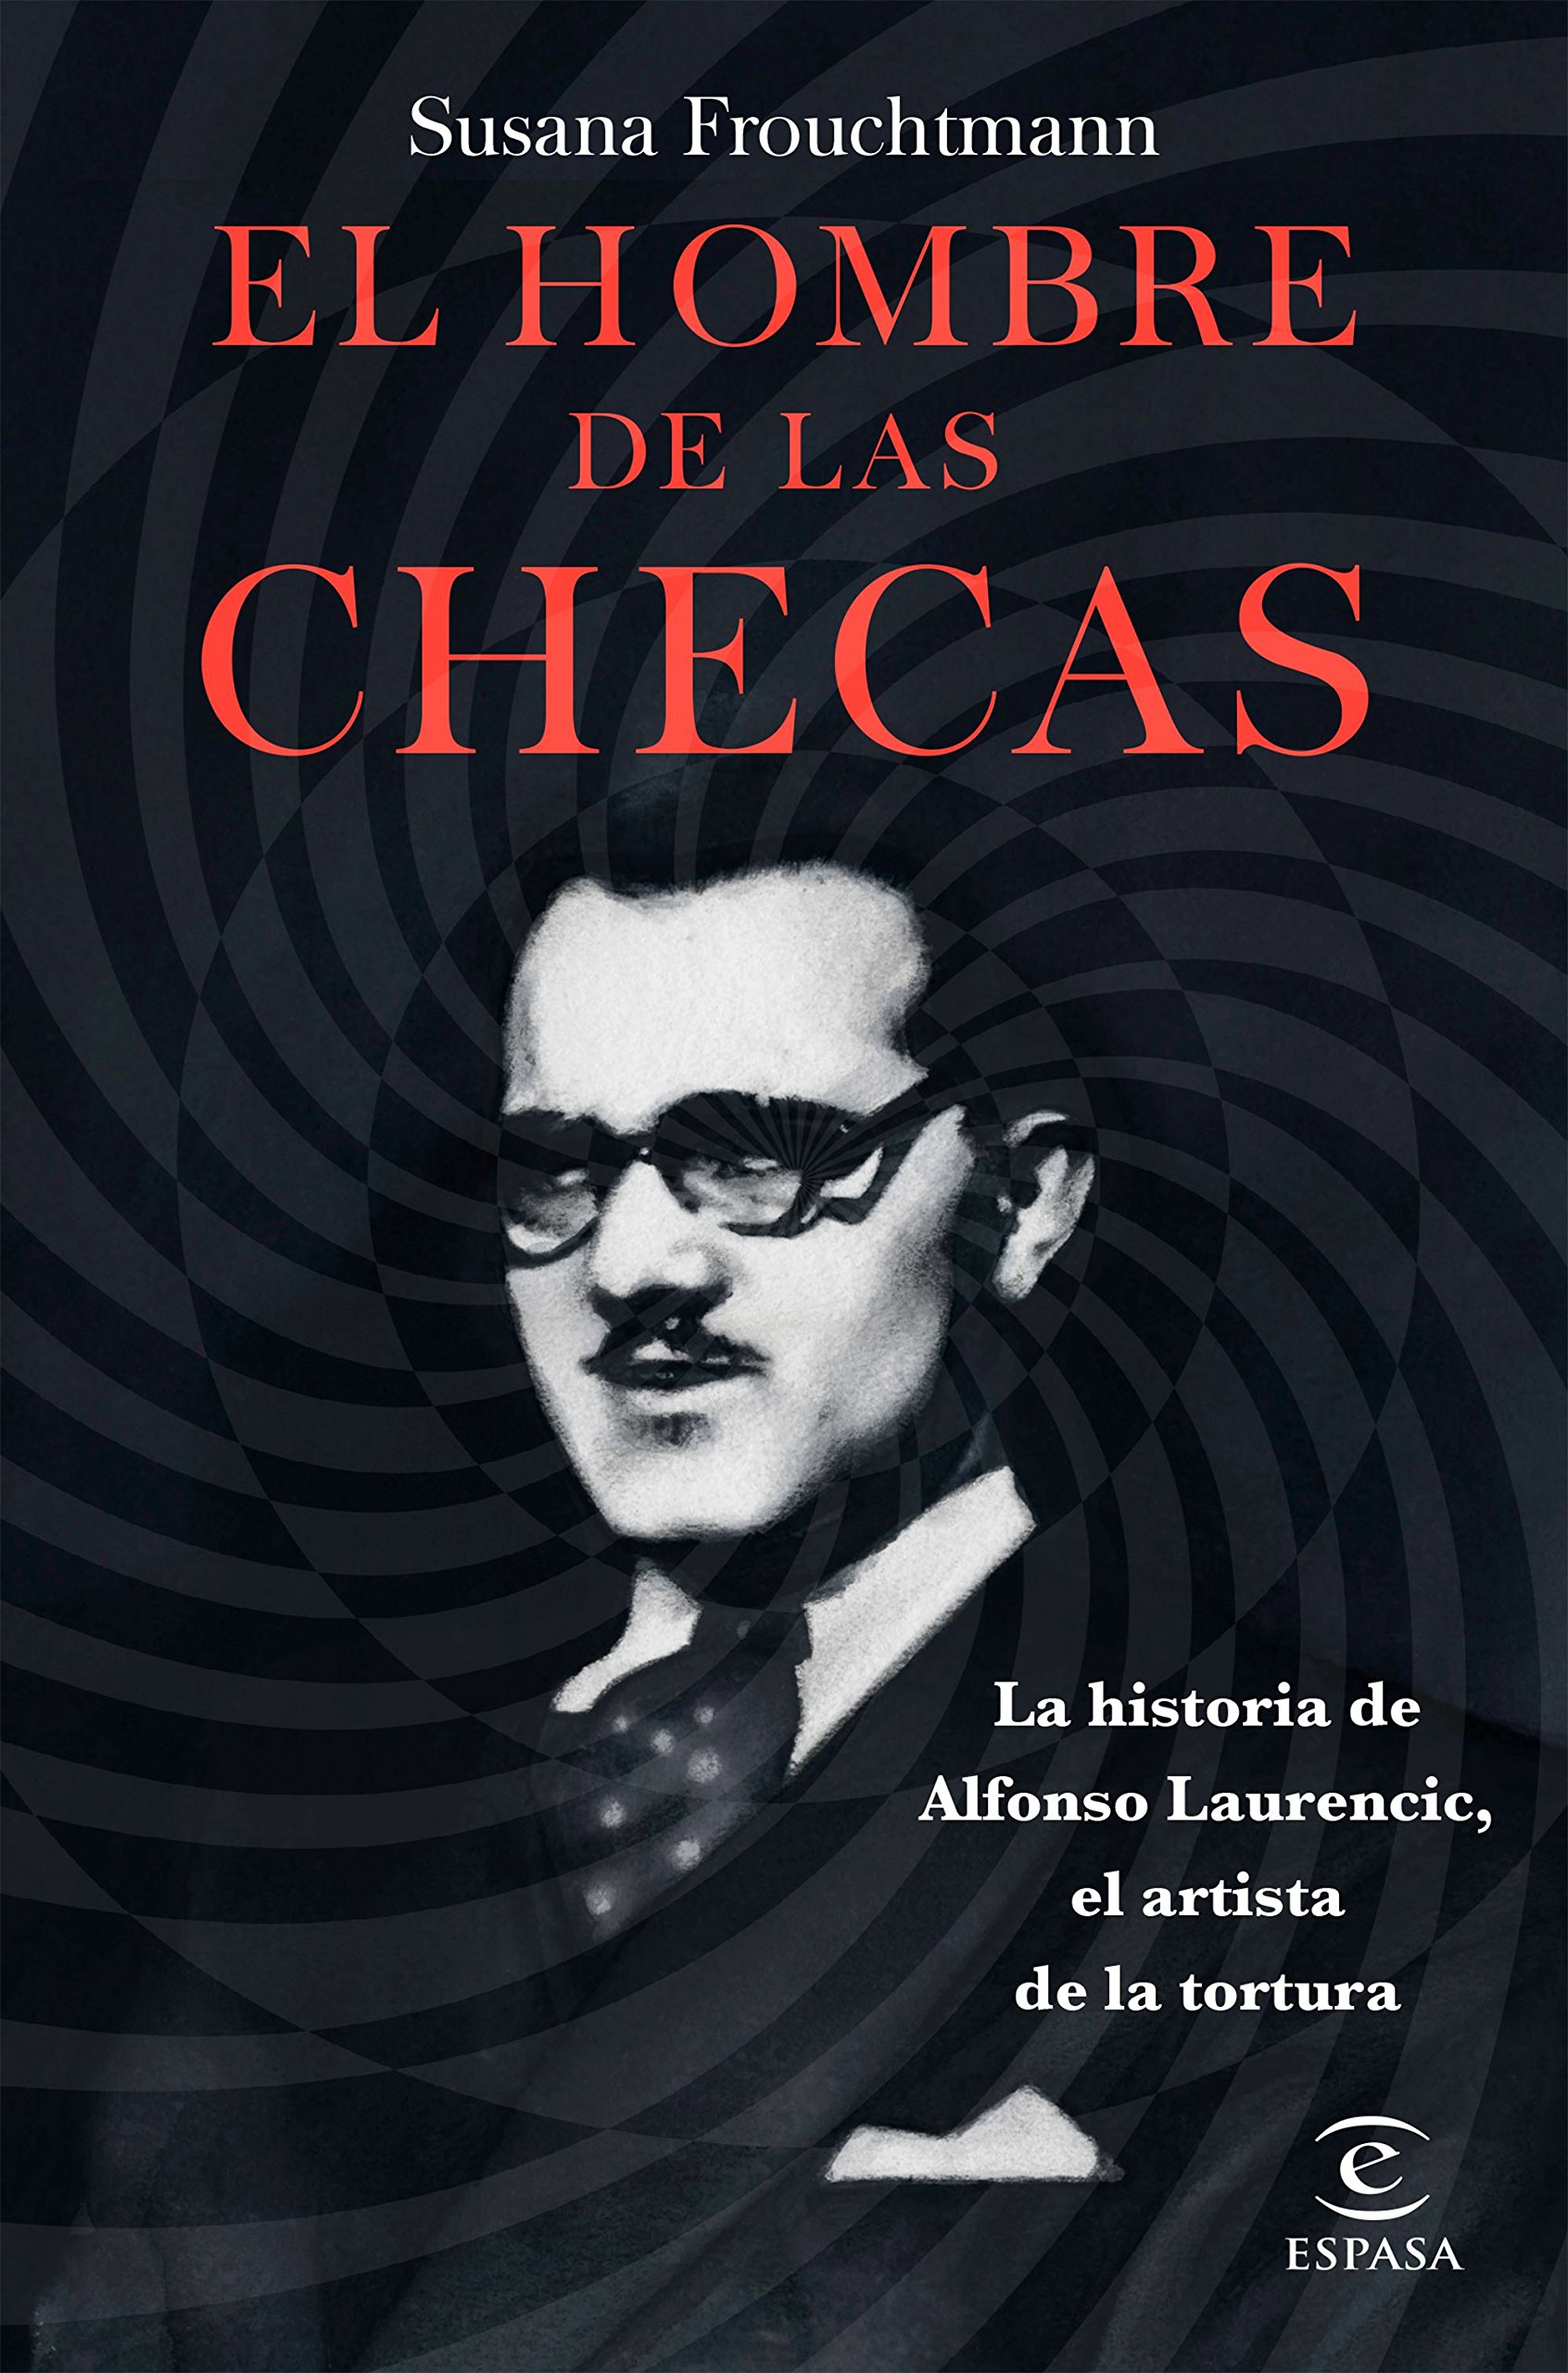 El hombre de las checas: La historia de Alfonso Laurencic, el artista de la tortura Fuera de colección: Amazon.es: Frouchtmann Corachan, Susana: Libros